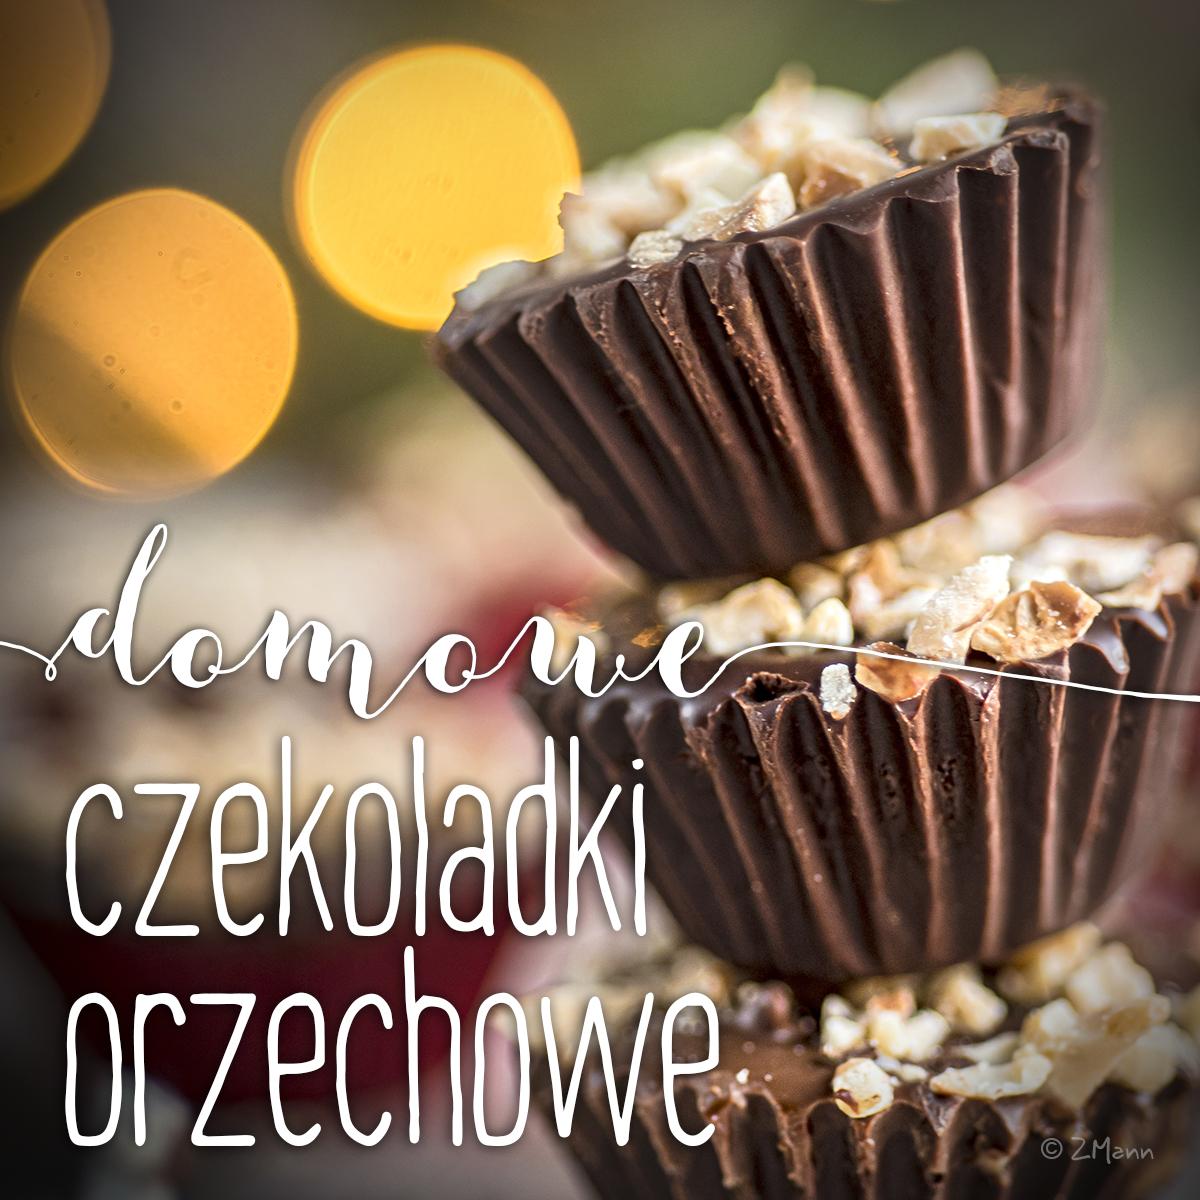 czekoladki orzechowe